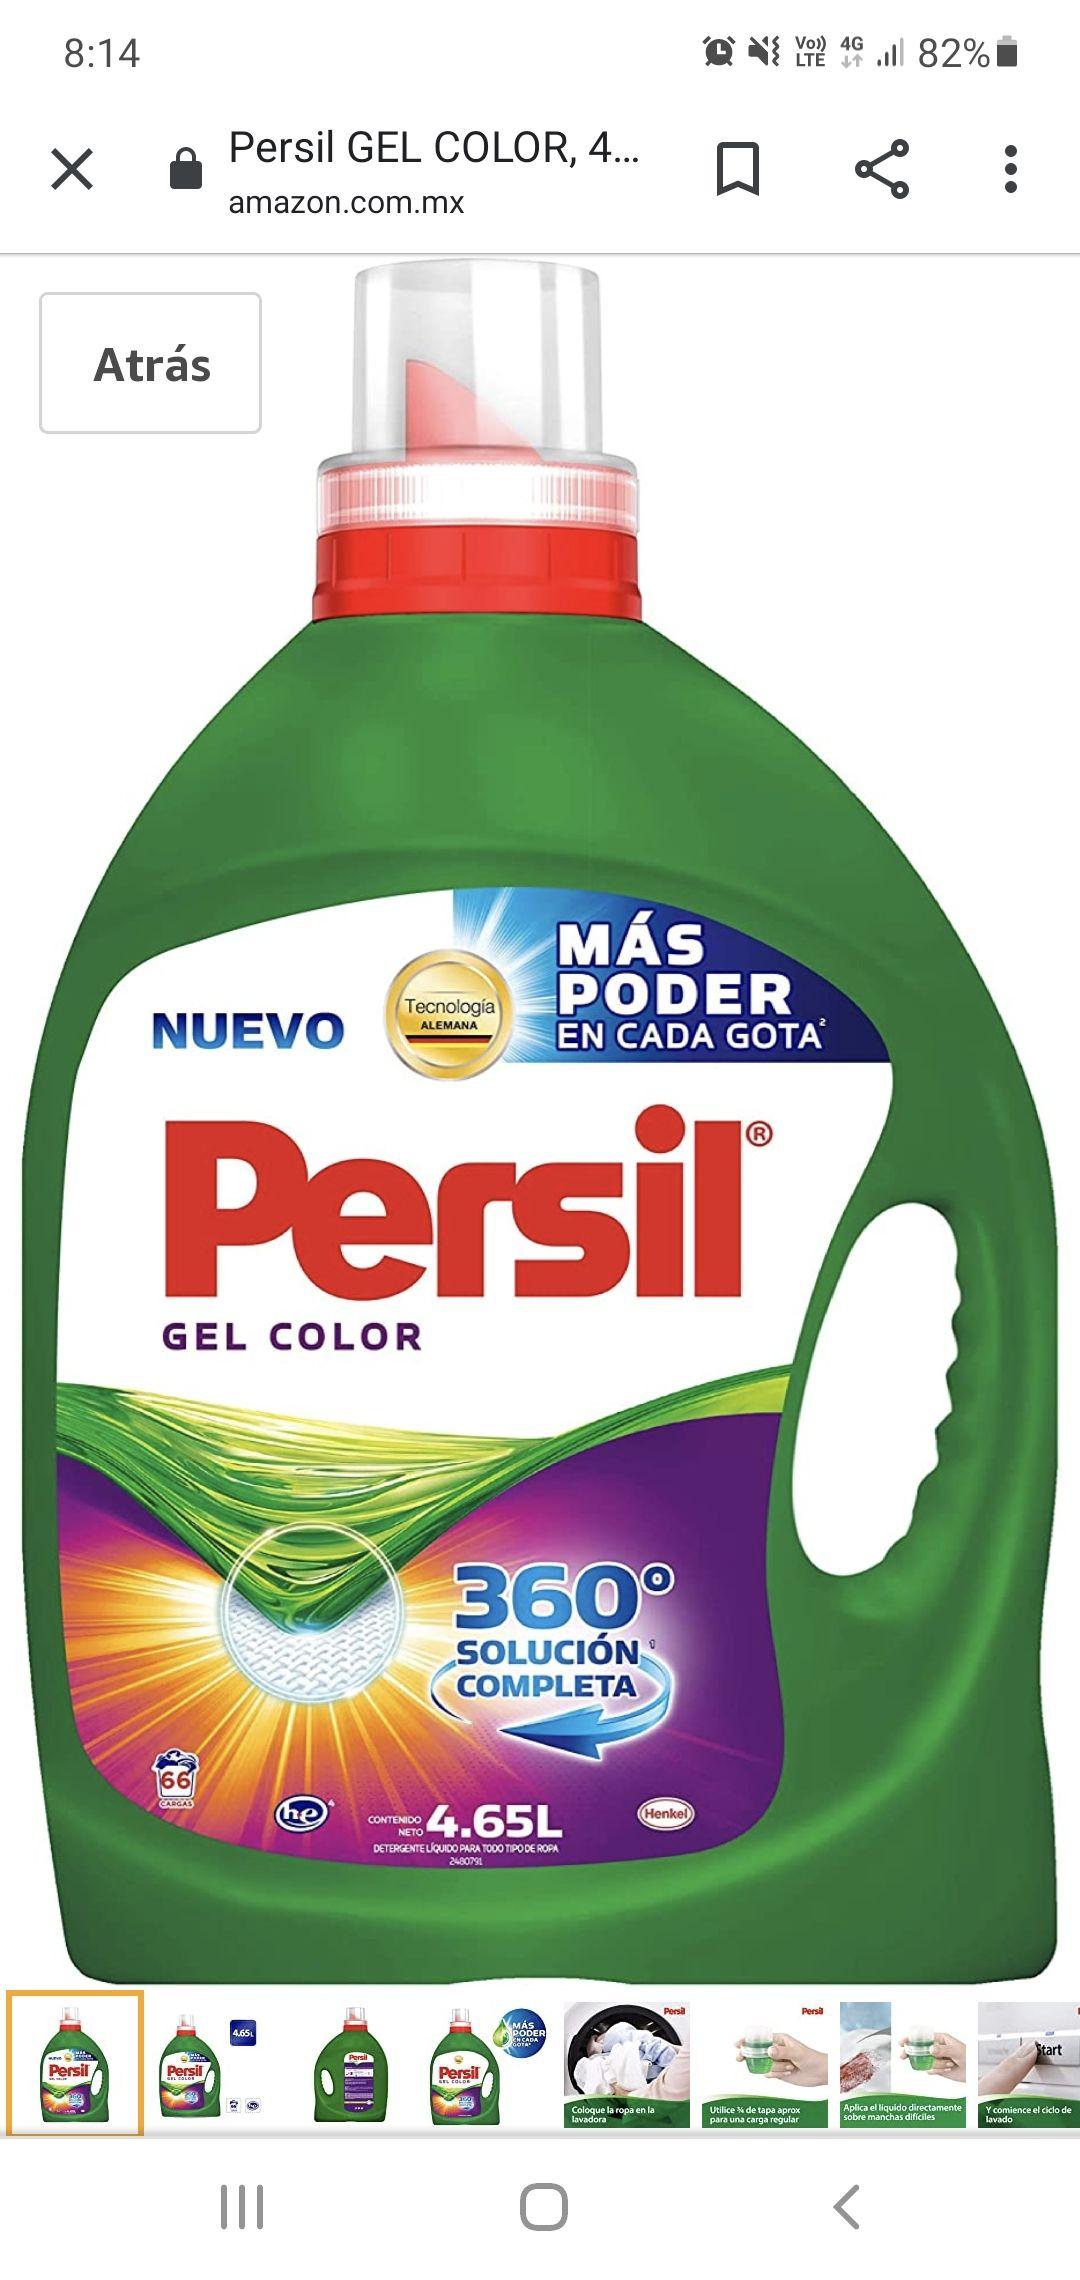 Amazon persil gel color 4.65L ( con planea y ahorra )